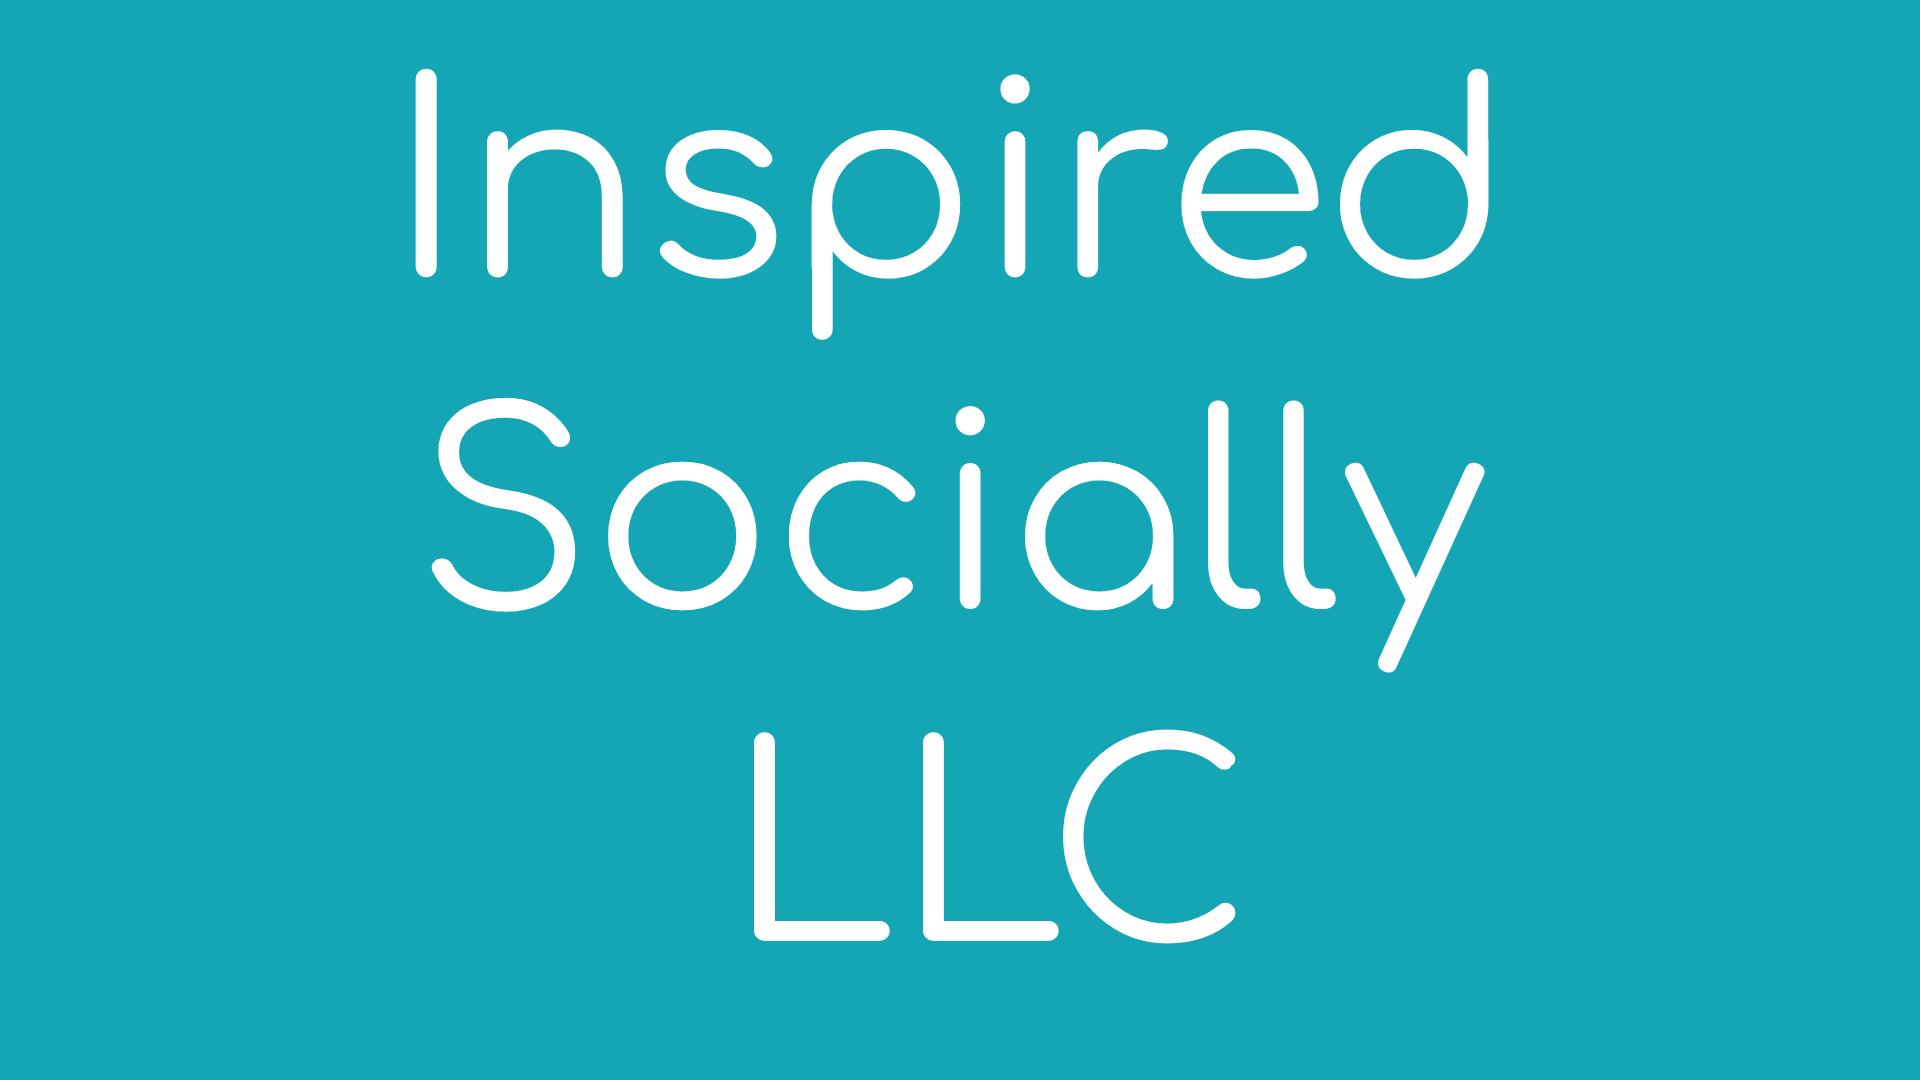 Inspired Socially LLC